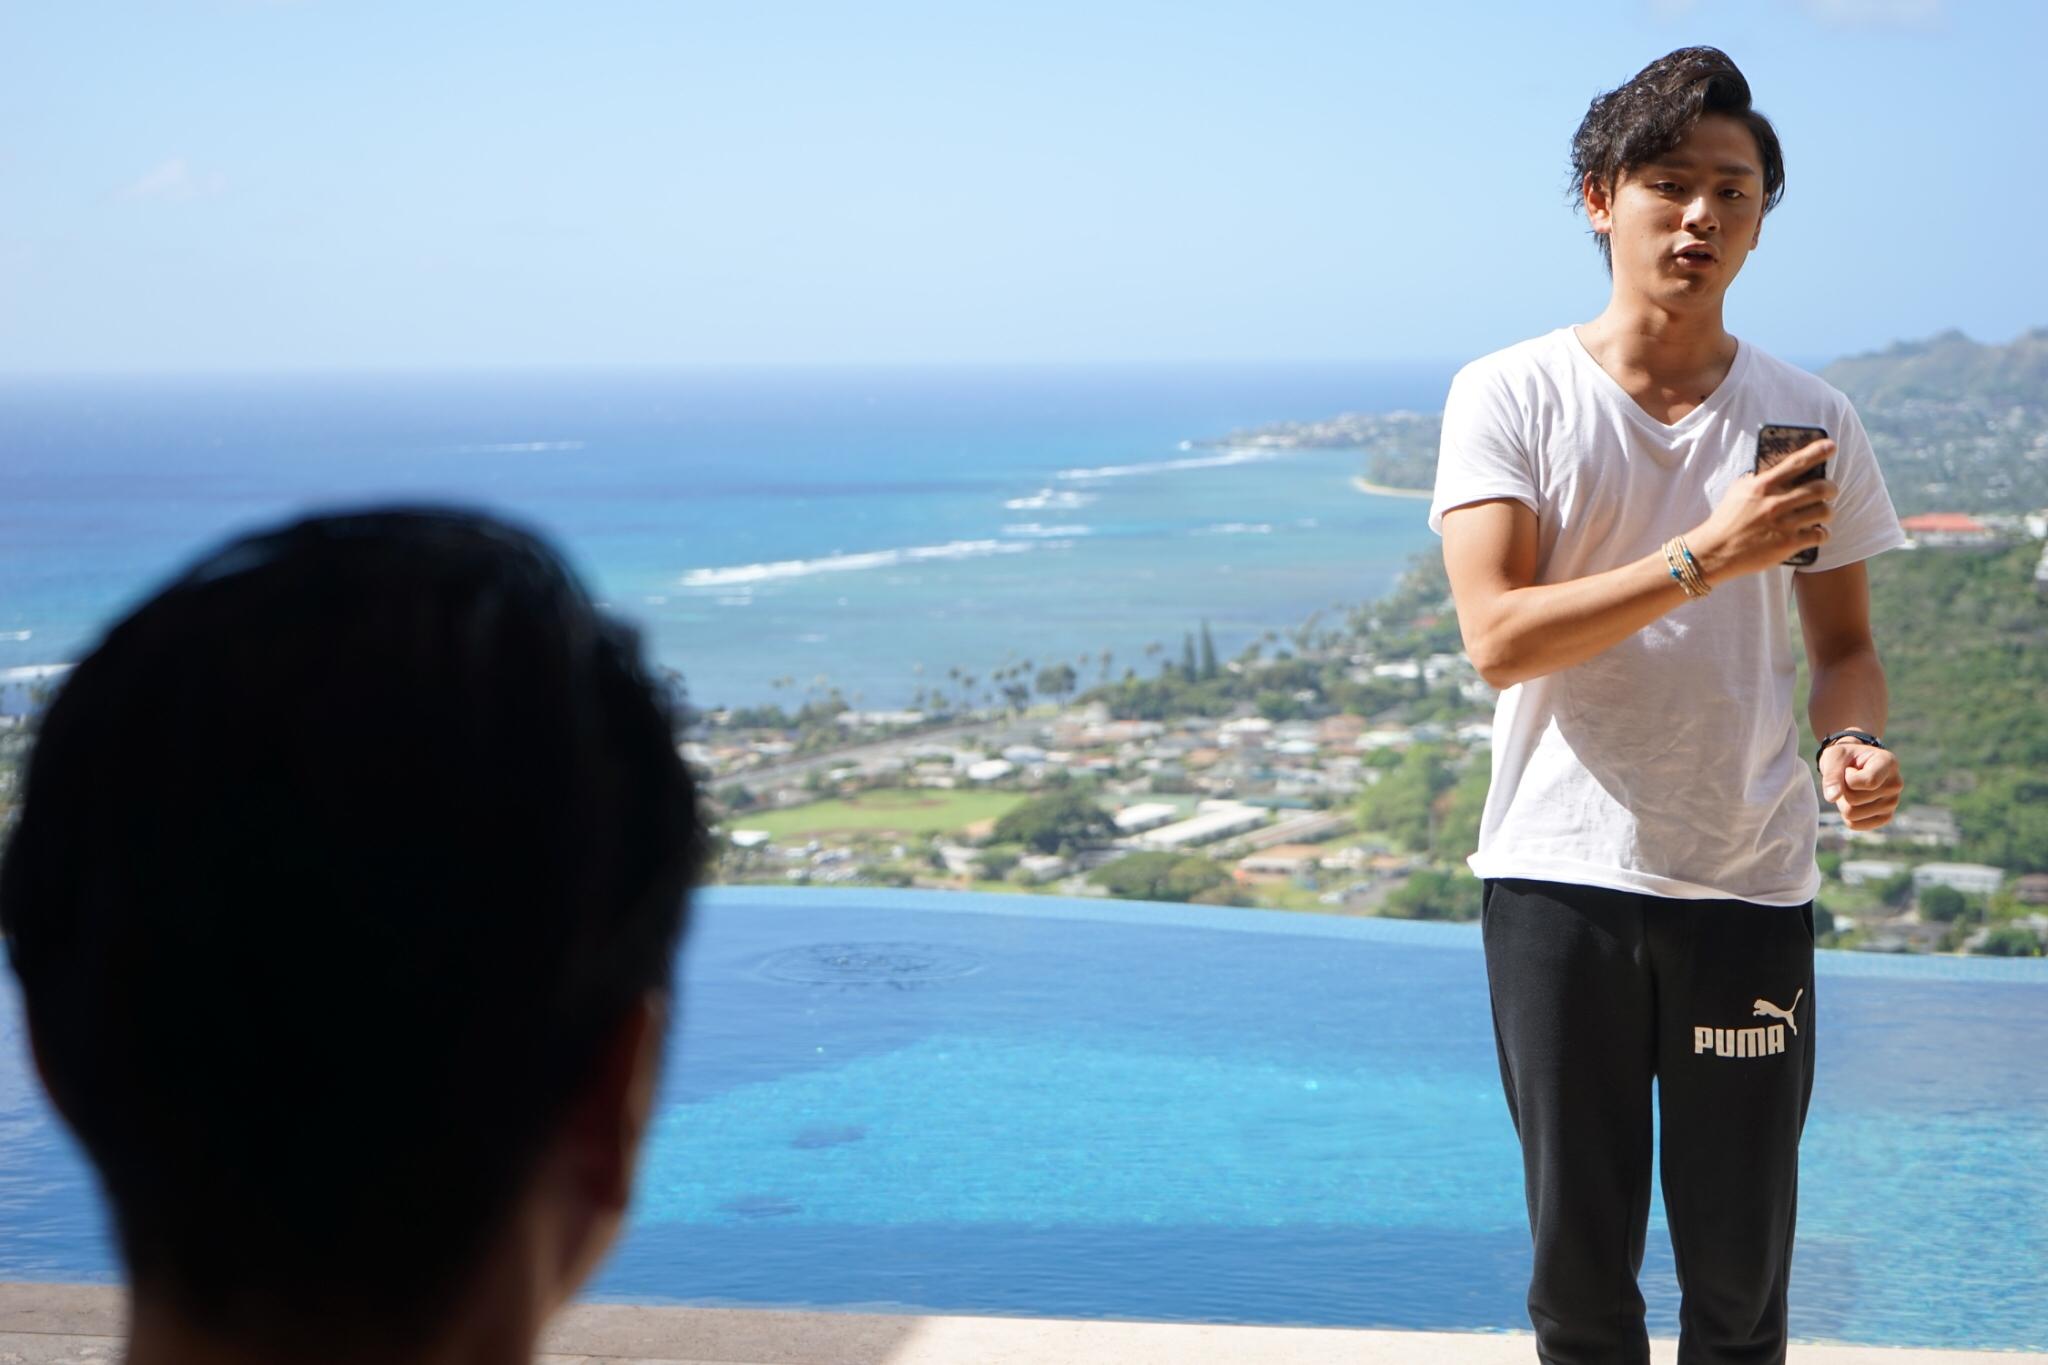 【Hawaii】採用責任者からのフィードバック風景